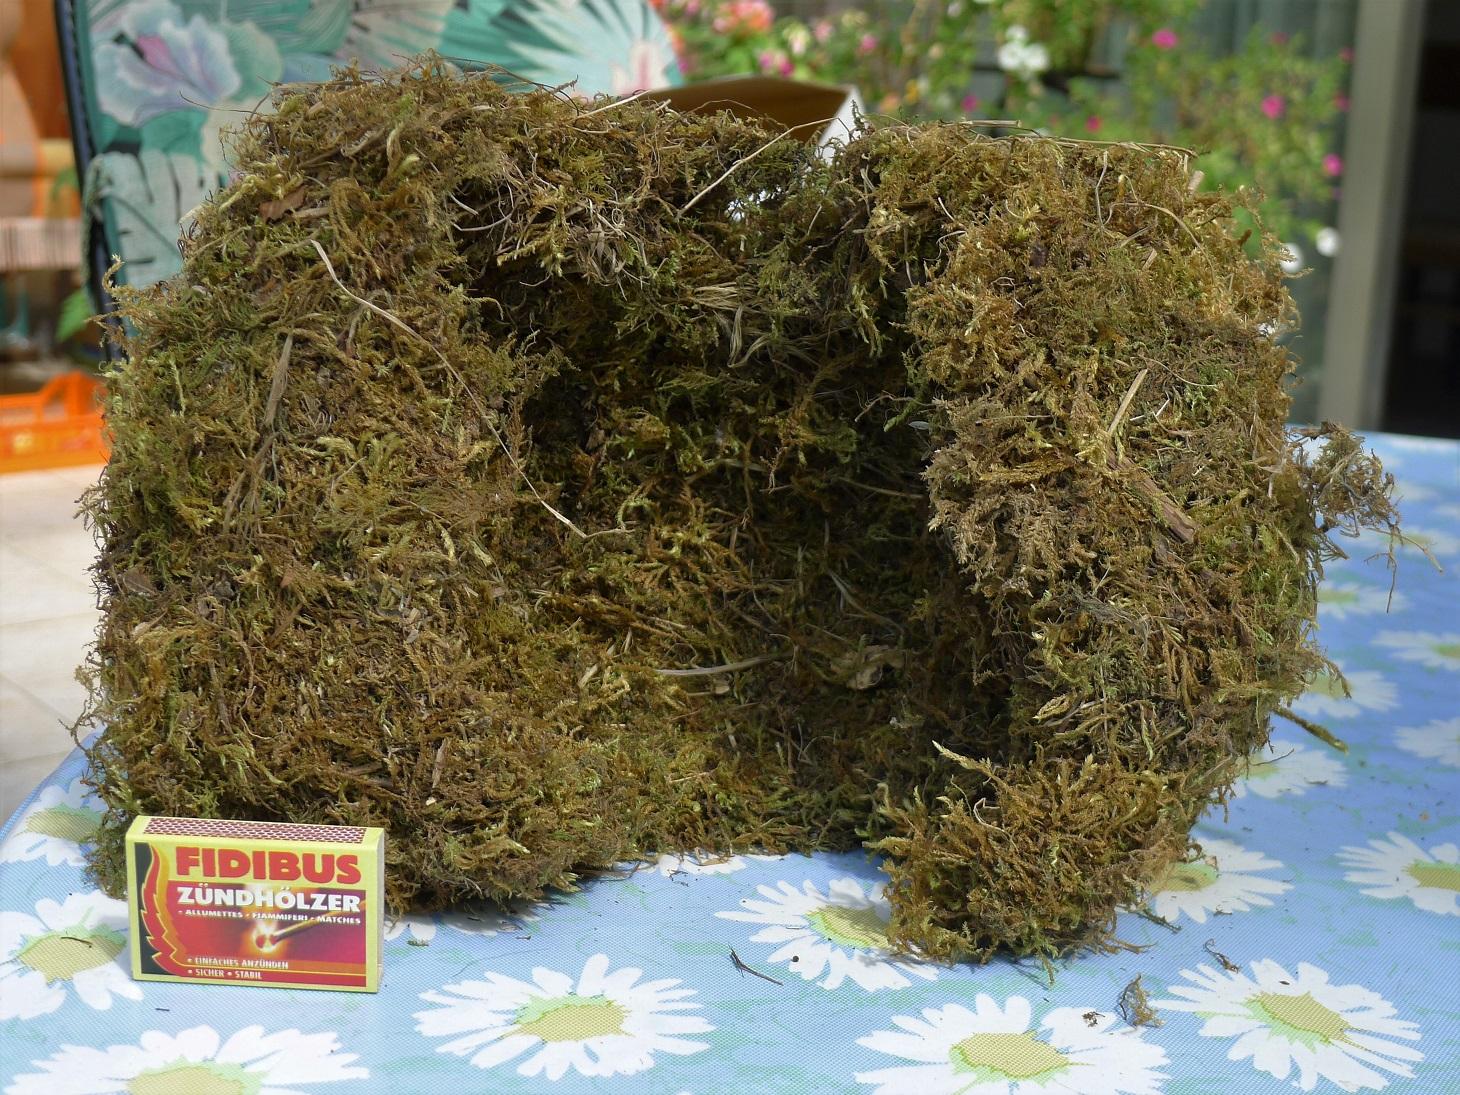 An der Alb nutzt die Wasseramsel fast ausschließlich Nistkästen, die mit einer gewaltigen Menge an Moos ausgepolster werden.